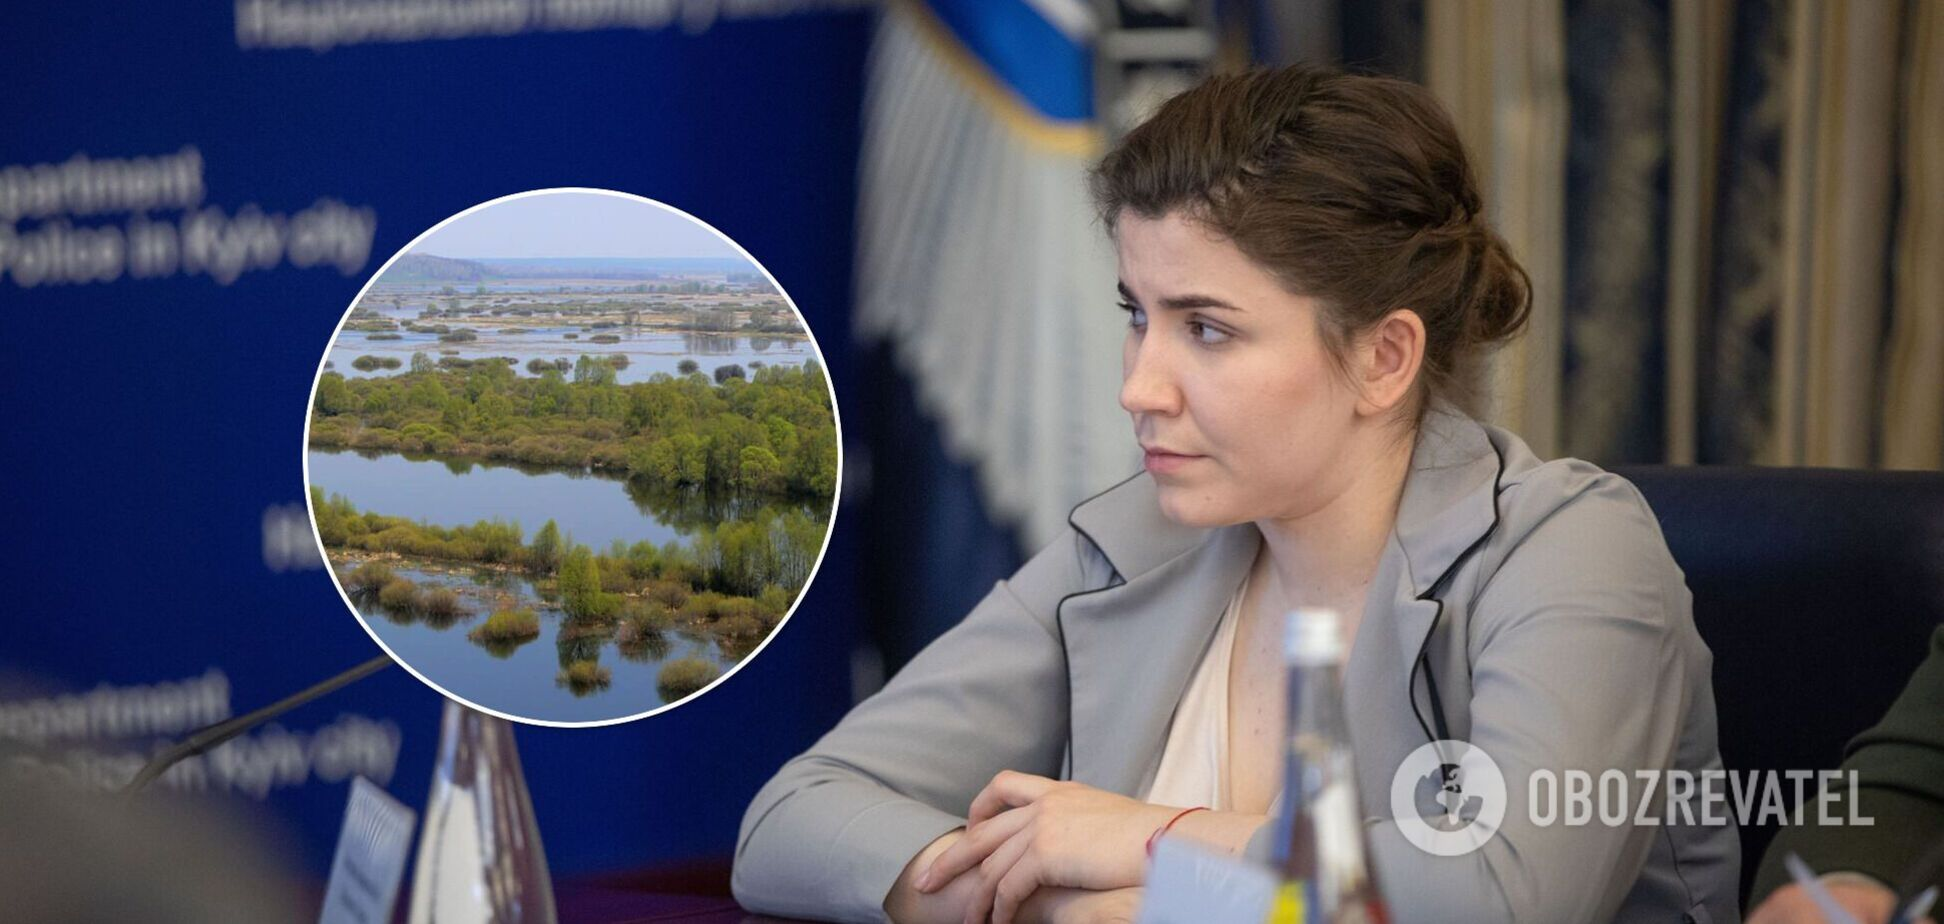 Очільниця Чернігівщини запросила туристів на розлив Десни-2021